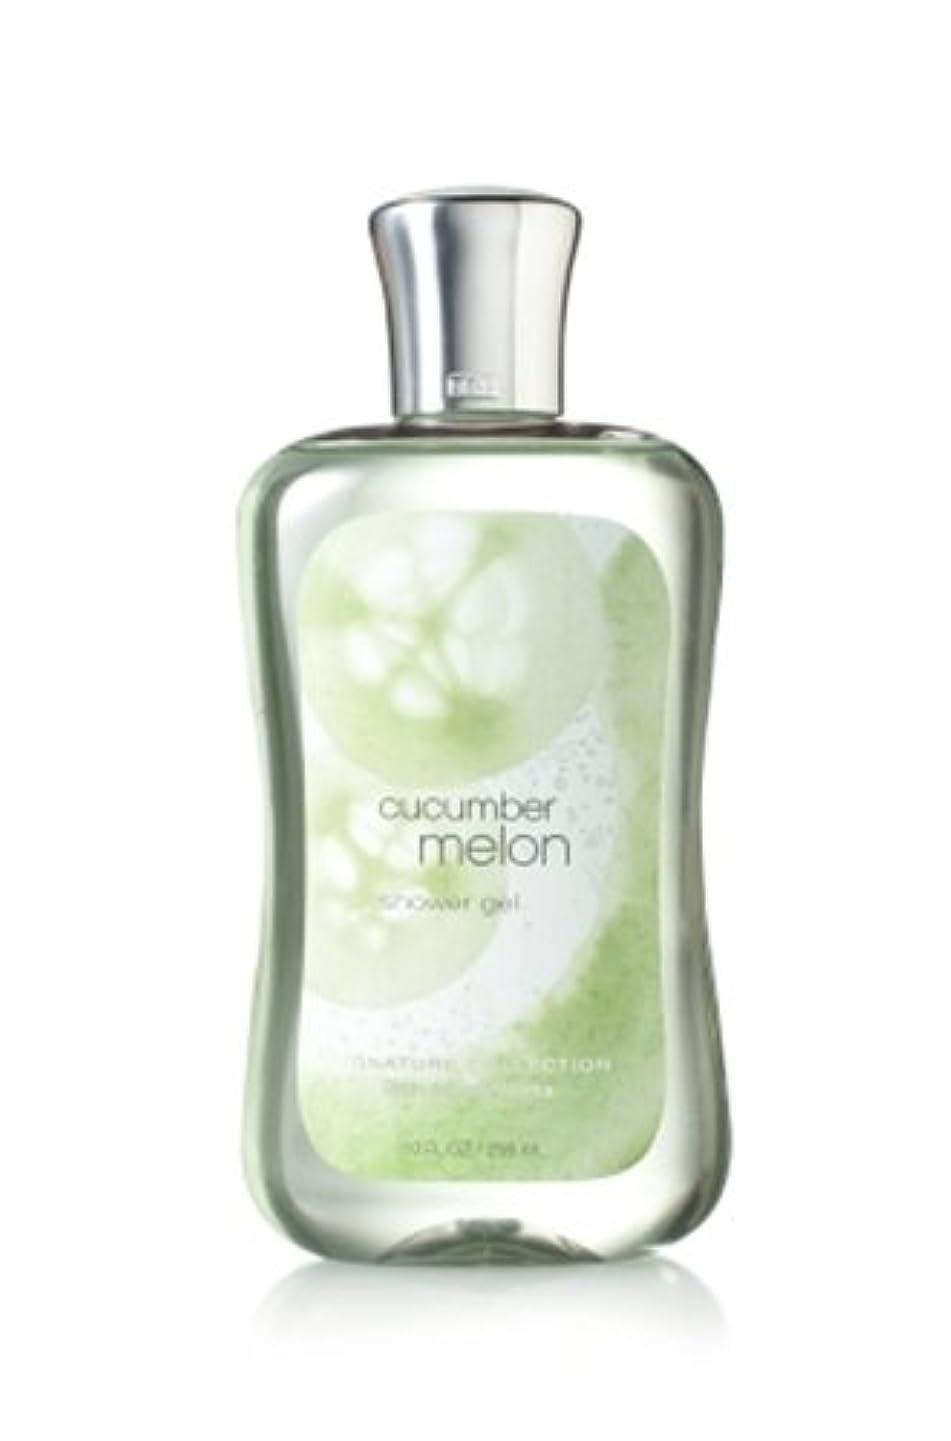 奇跡的なメロディーボトルネックバス&ボディワークス キューカンバーメロン シャワージェル Cucumber Melon shower gel [並行輸入品]